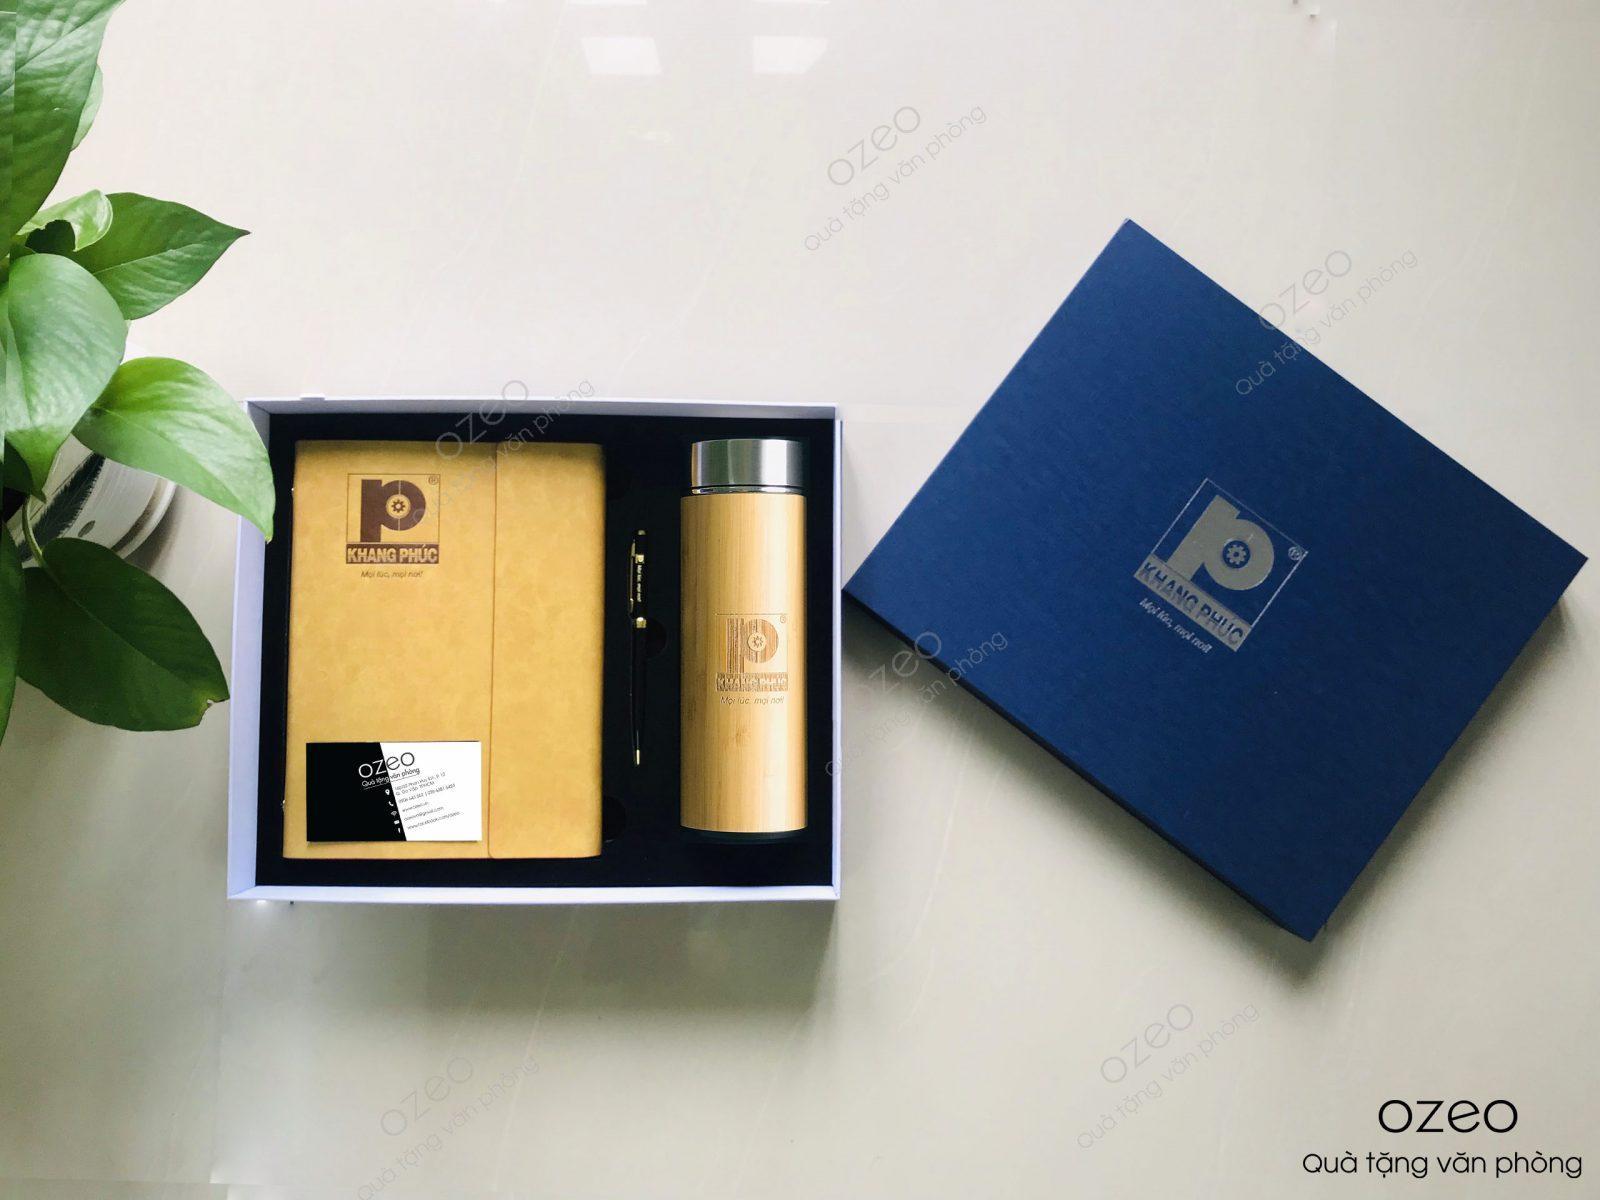 Bộ quà tặng sổ kèm bút và bình giữ nhiệt in ấn/ khắc logo theo yêu cầu.